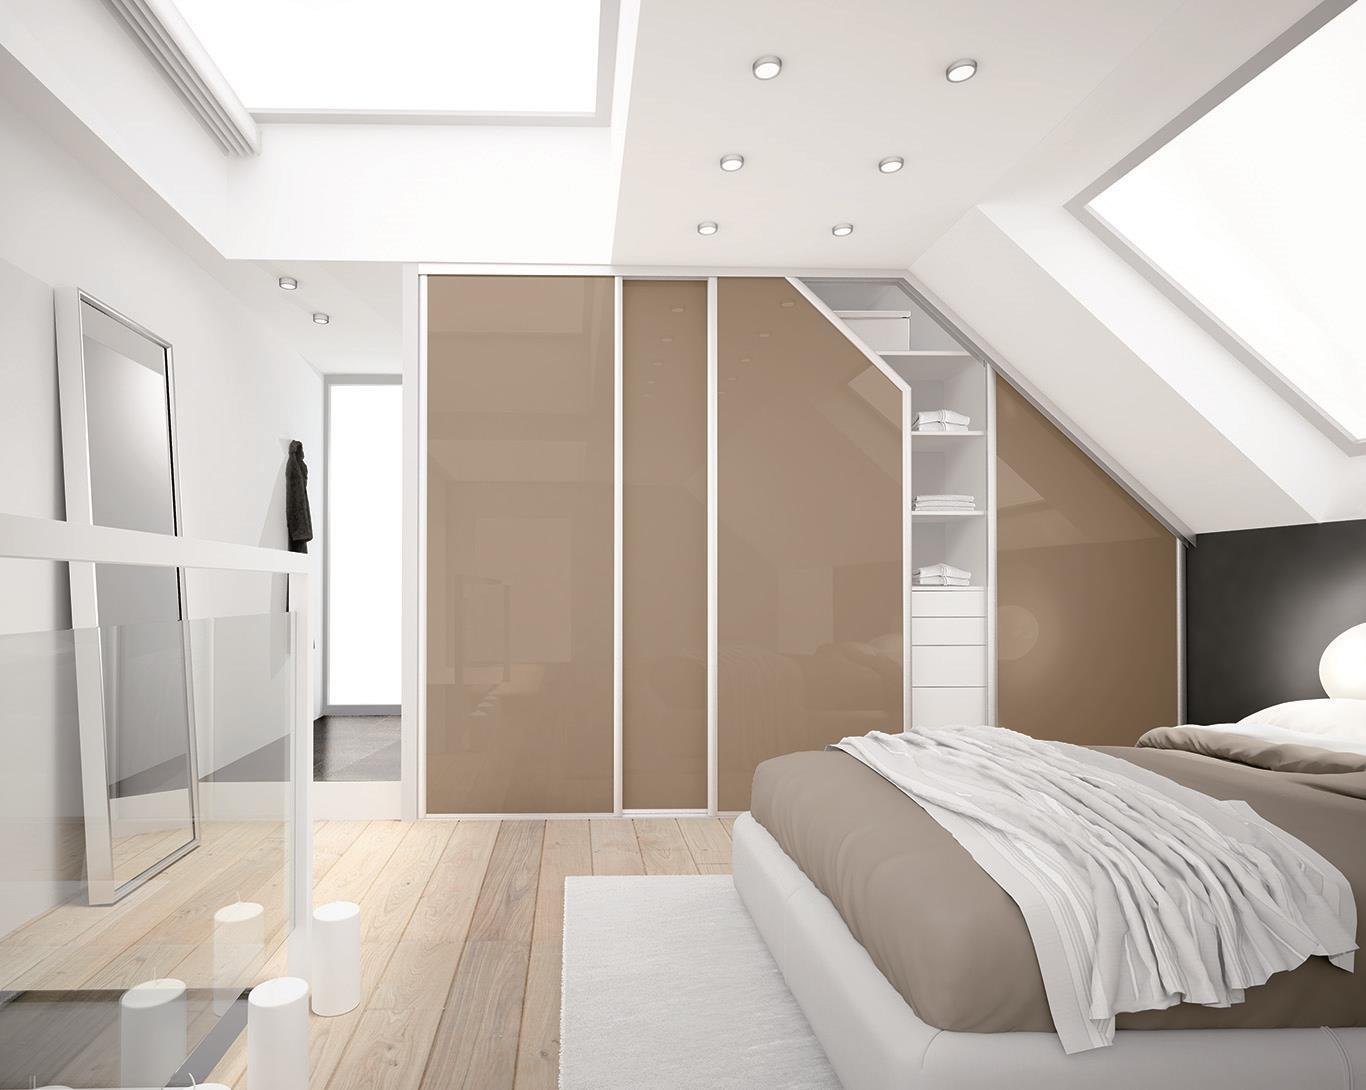 Maisons + Terrains du constructeur HABITAT CONCEPT • 94 m² • CARVIN